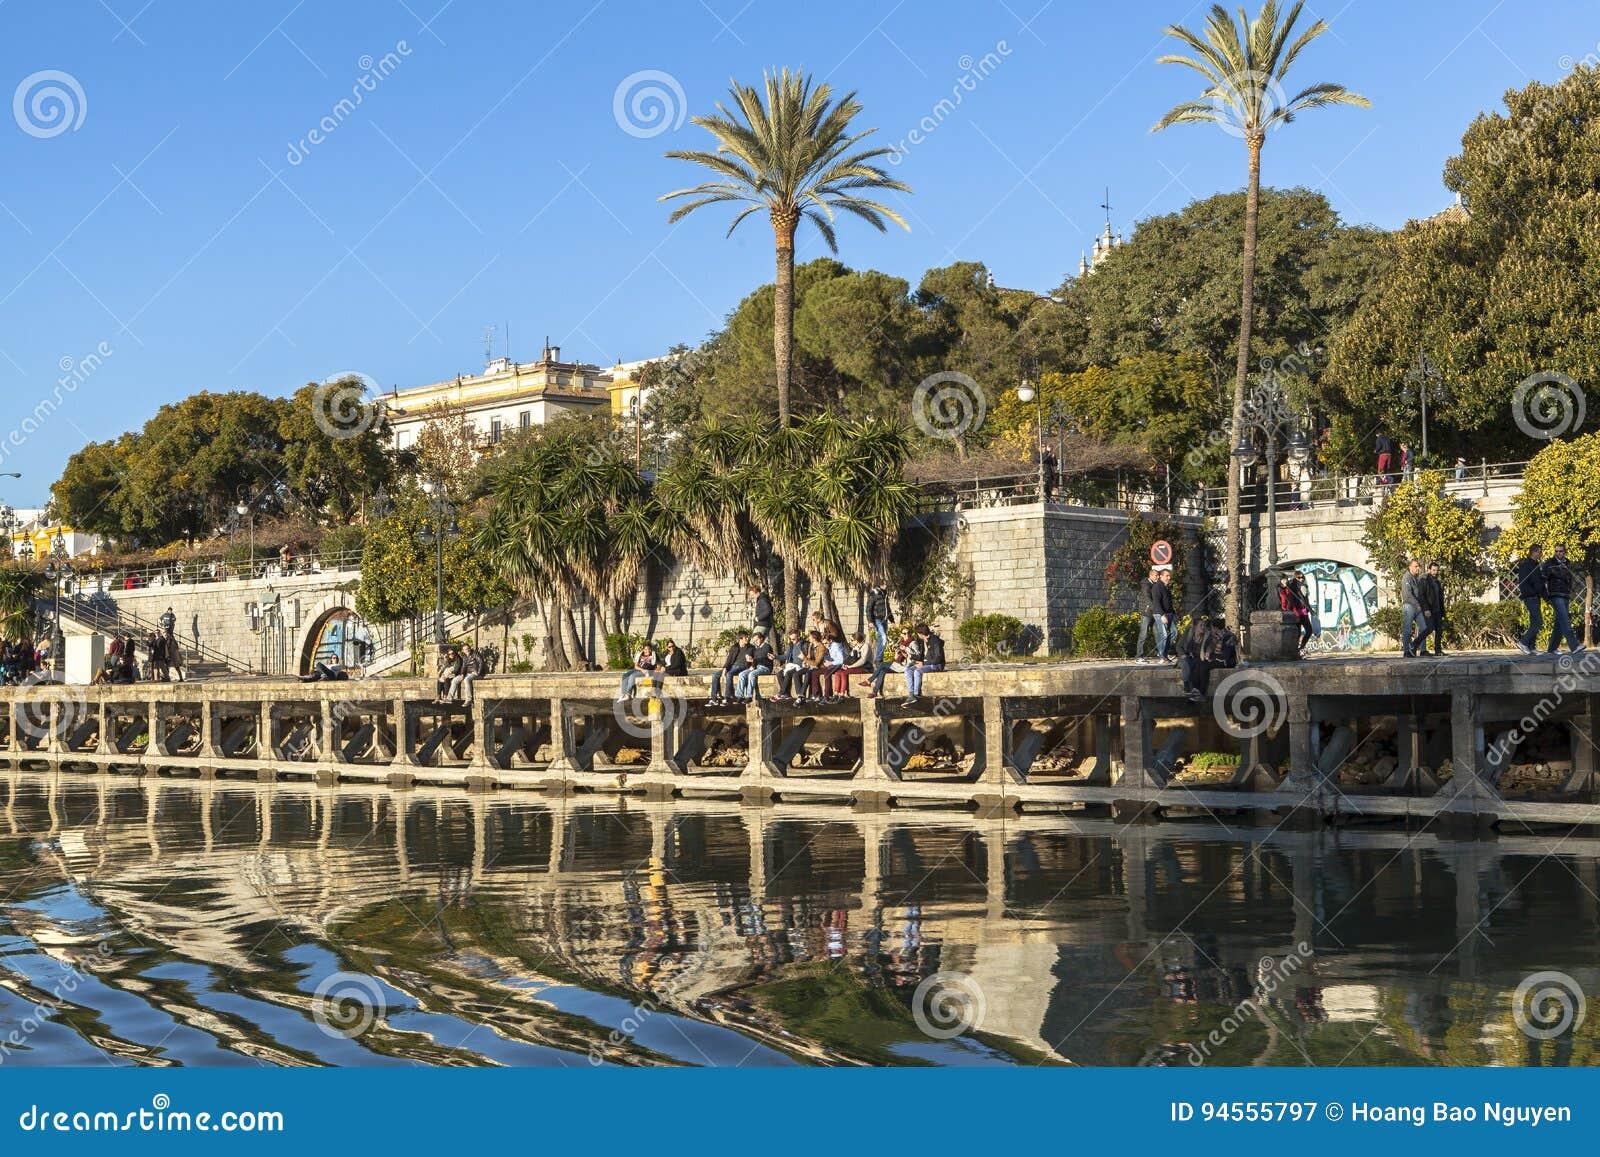 2012年城市guadalquivir重要7月地标,一旦照片河运行真塞维利亚西班牙仍然被采取的旅游的通过非常是哪些